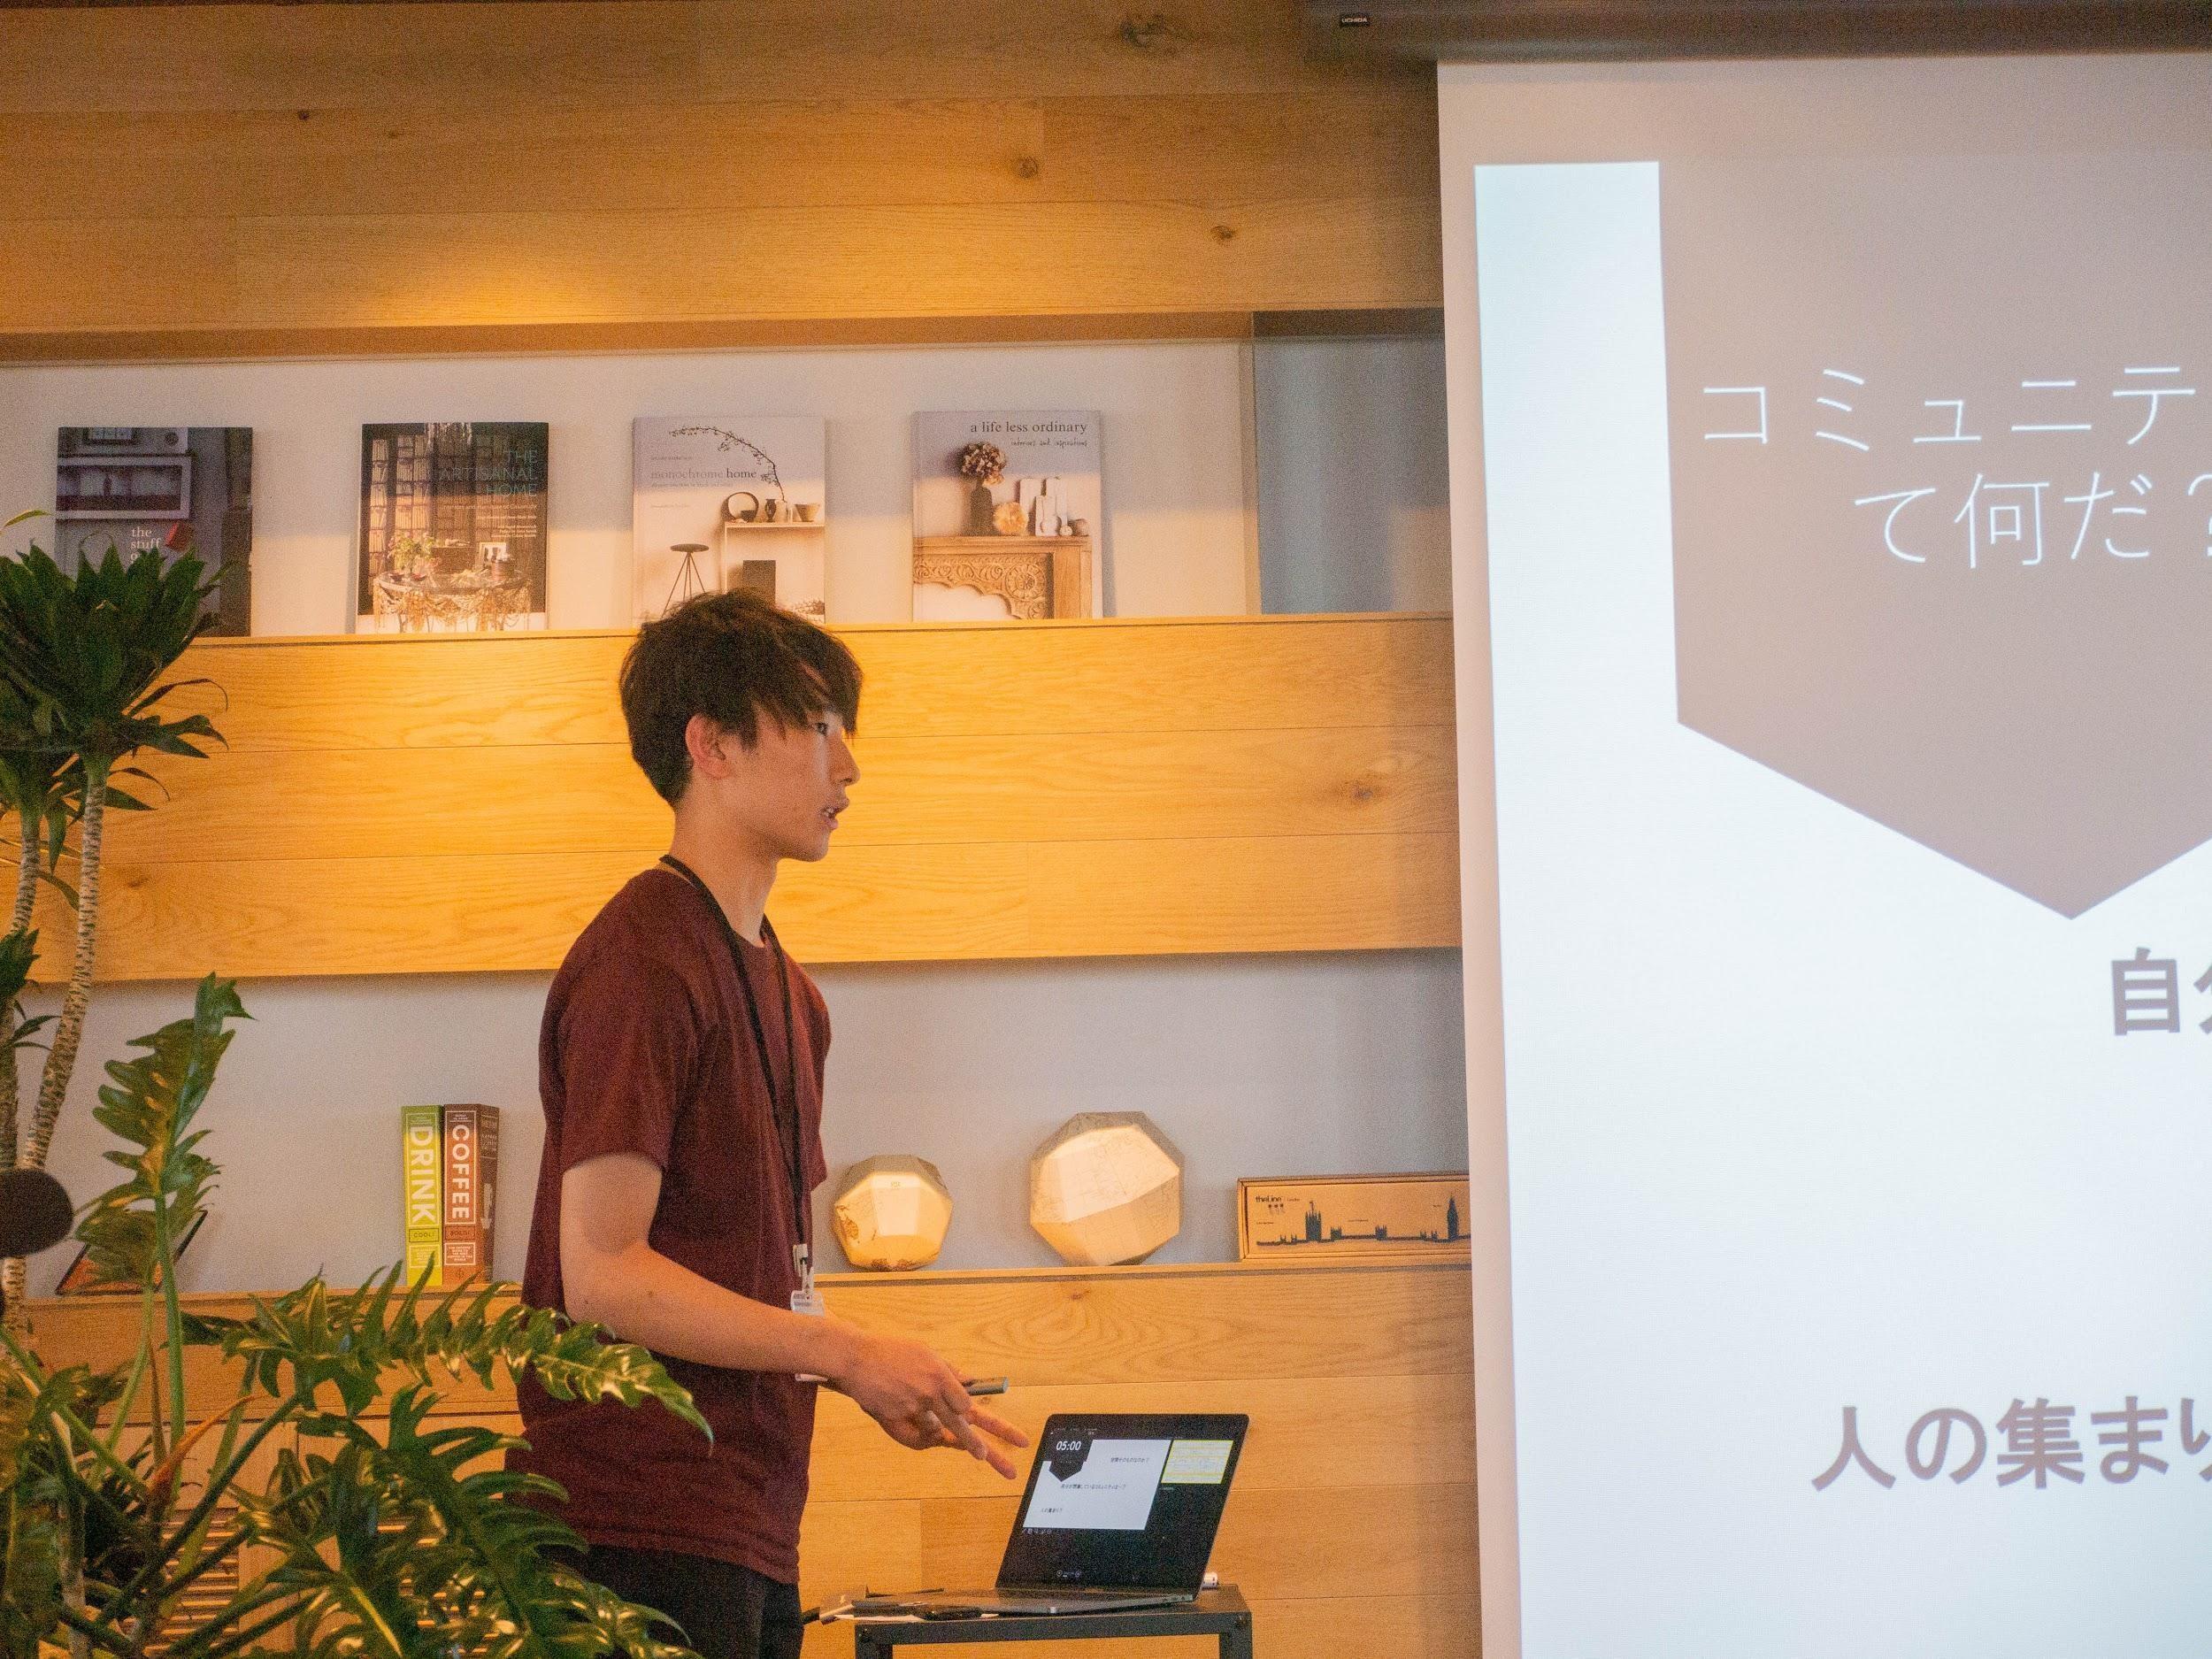 2期_final presentation_6.jpg